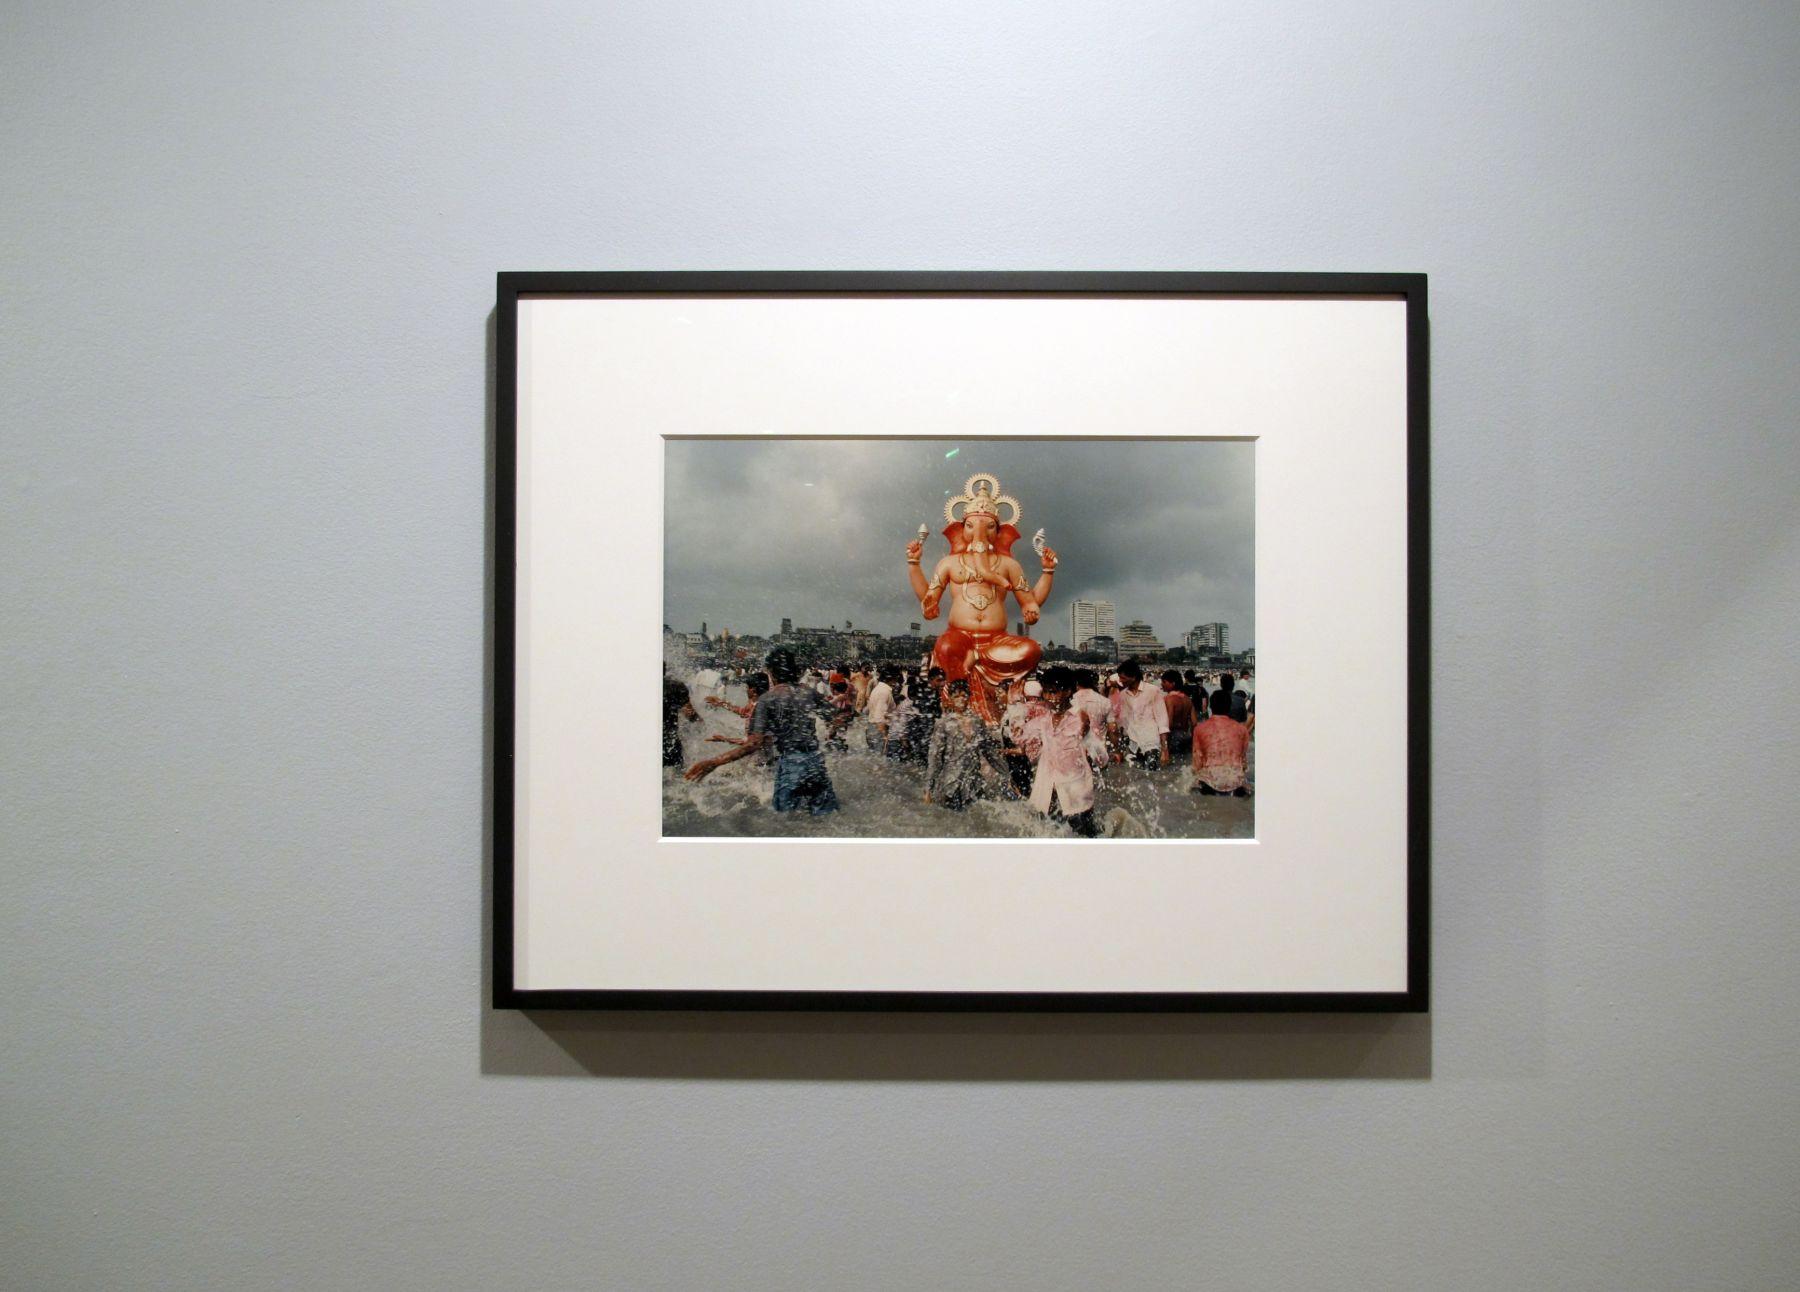 Raghubir Singh: Bombay, Howard Greenberg Gallery, 2017